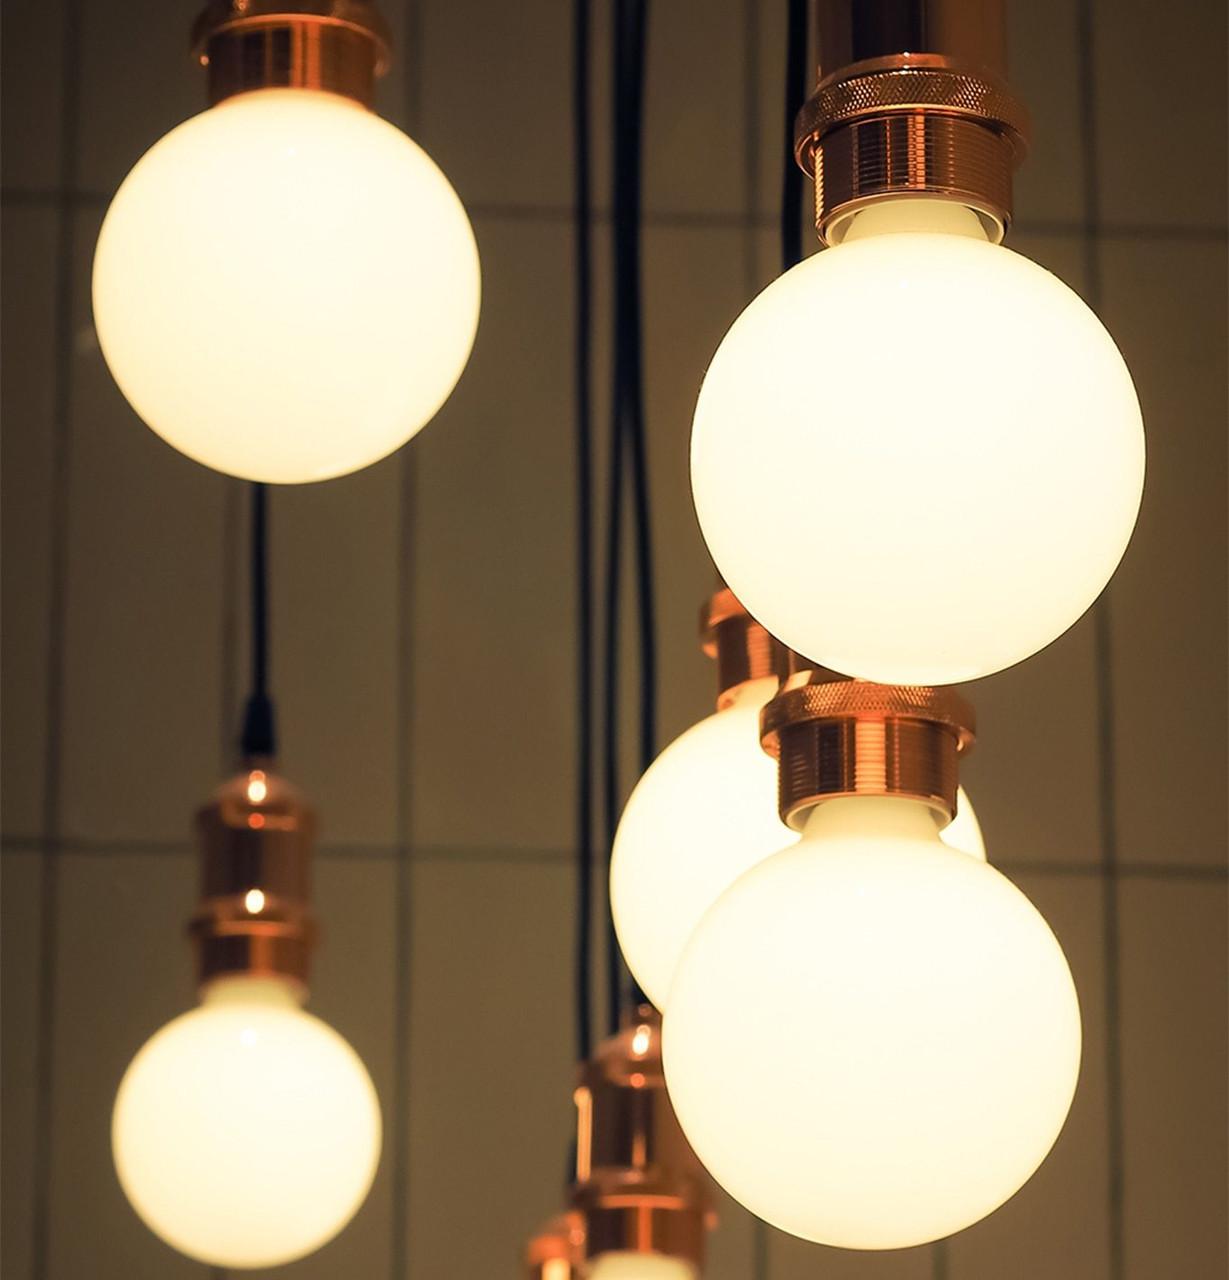 LED G95 Opal Light Bulbs